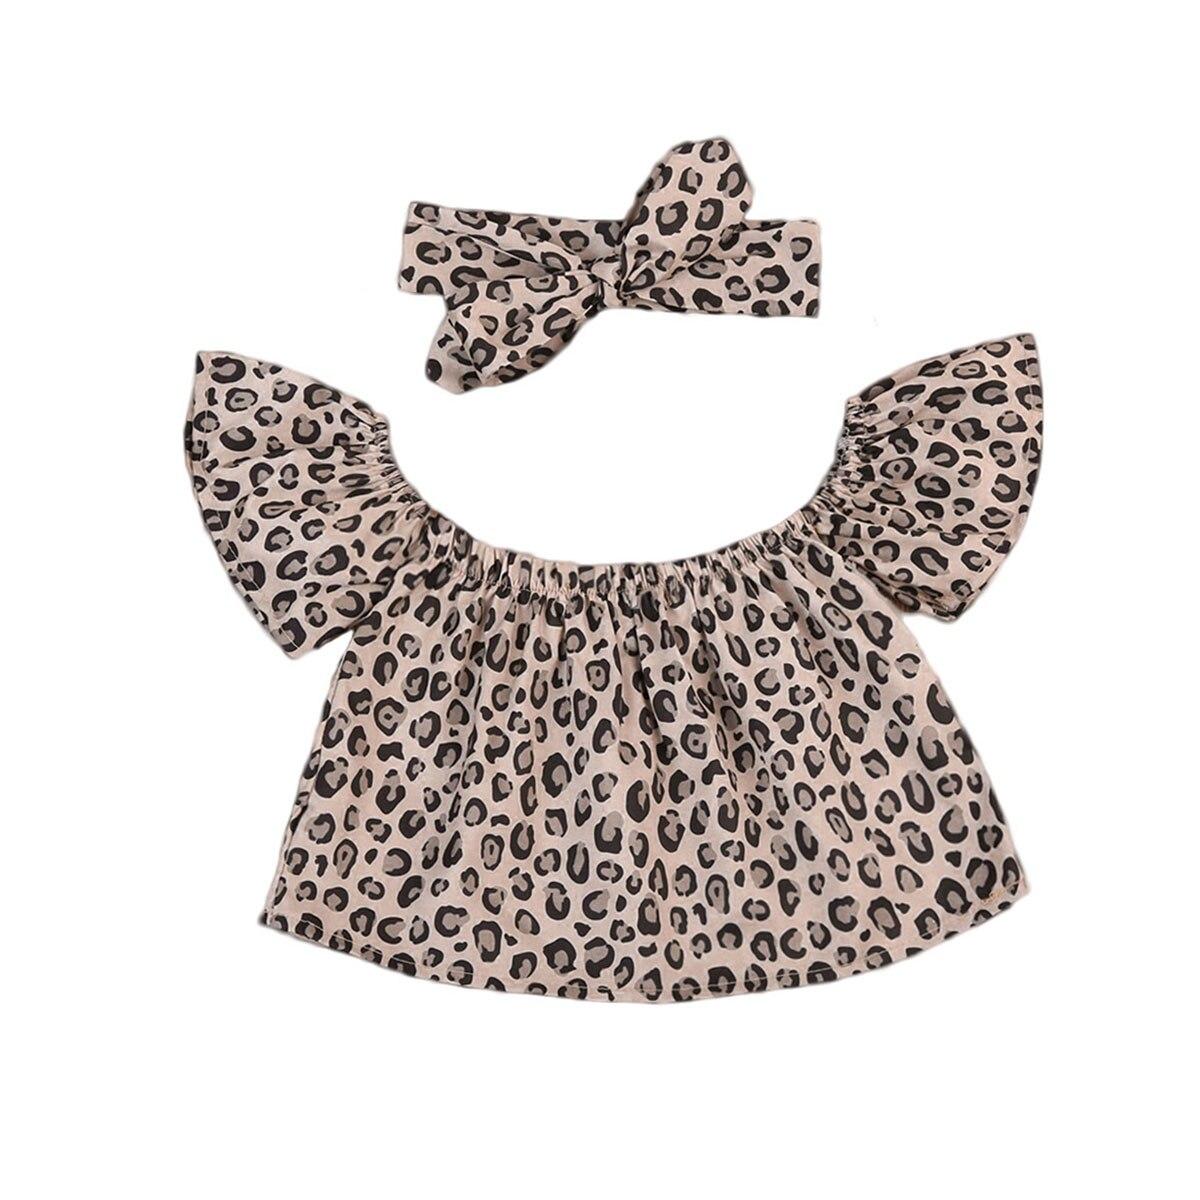 100% Wahr Pudcoco 2 StÜcke 2017 Neugeborenen Kleinkind Baby Mädchen Kleidung Leopard Kinder Off-schulter-boot-ausschnitt Tops + Schal Outfits Kleidung 1-6y Waren Jeder Beschreibung Sind VerfüGbar